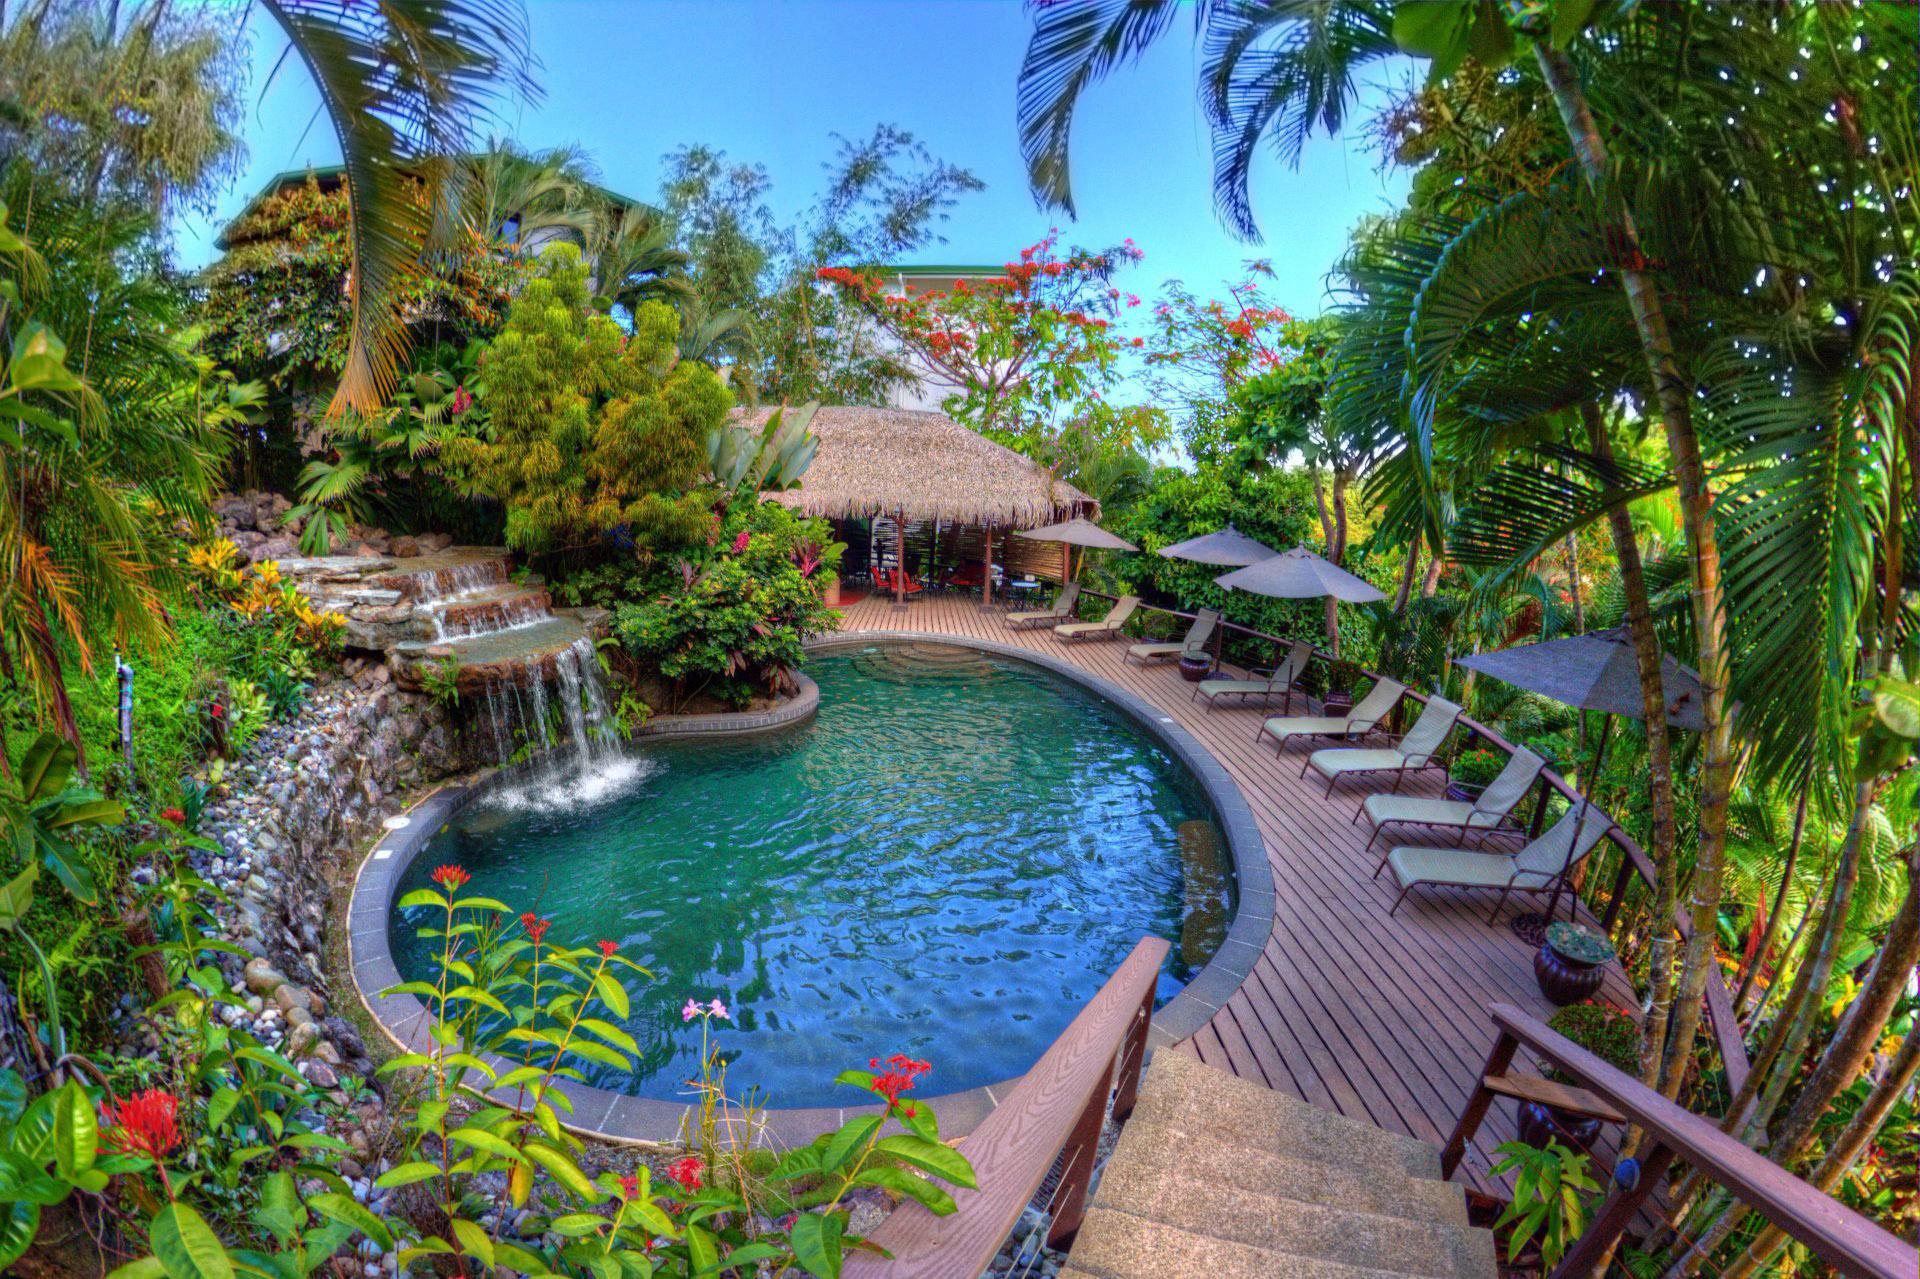 Hotel Irazu Costa Rica